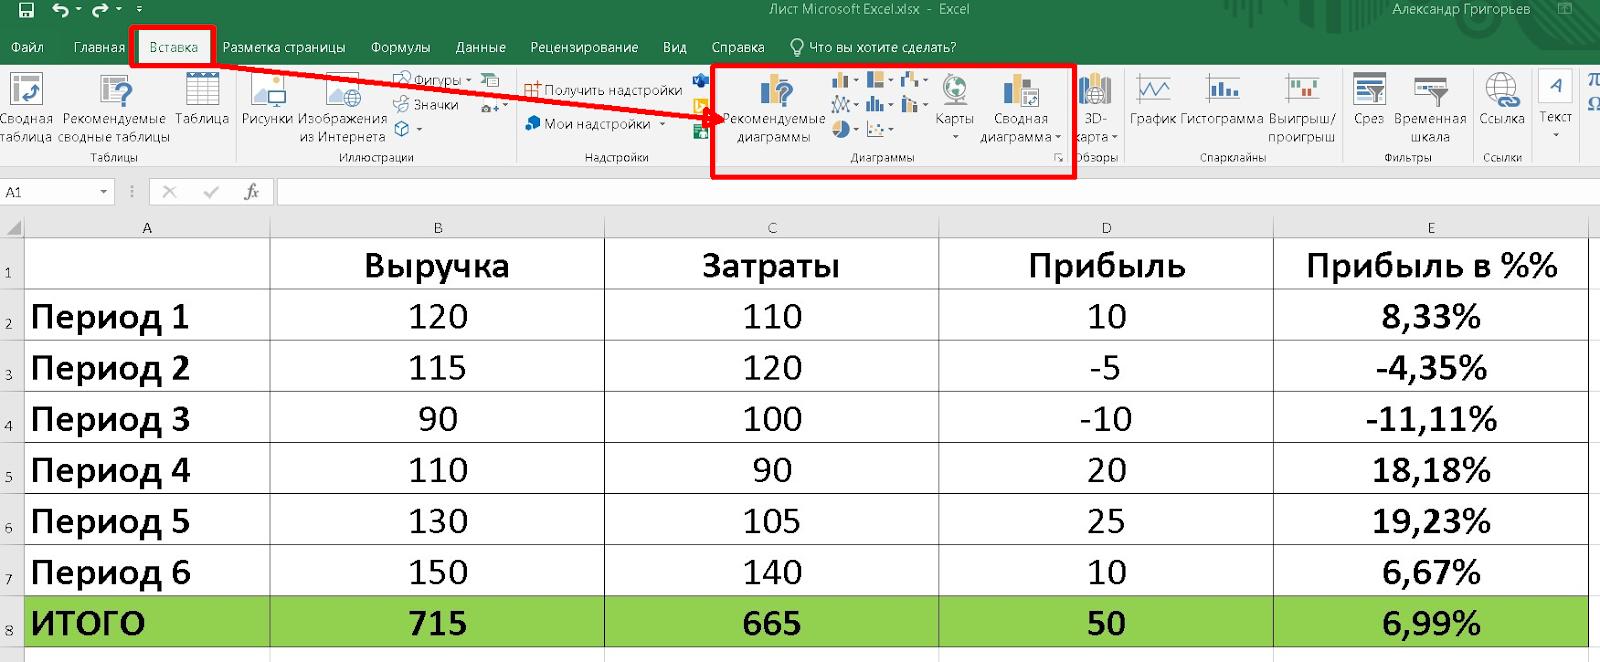 создаем диаграмму с процентами в экселе